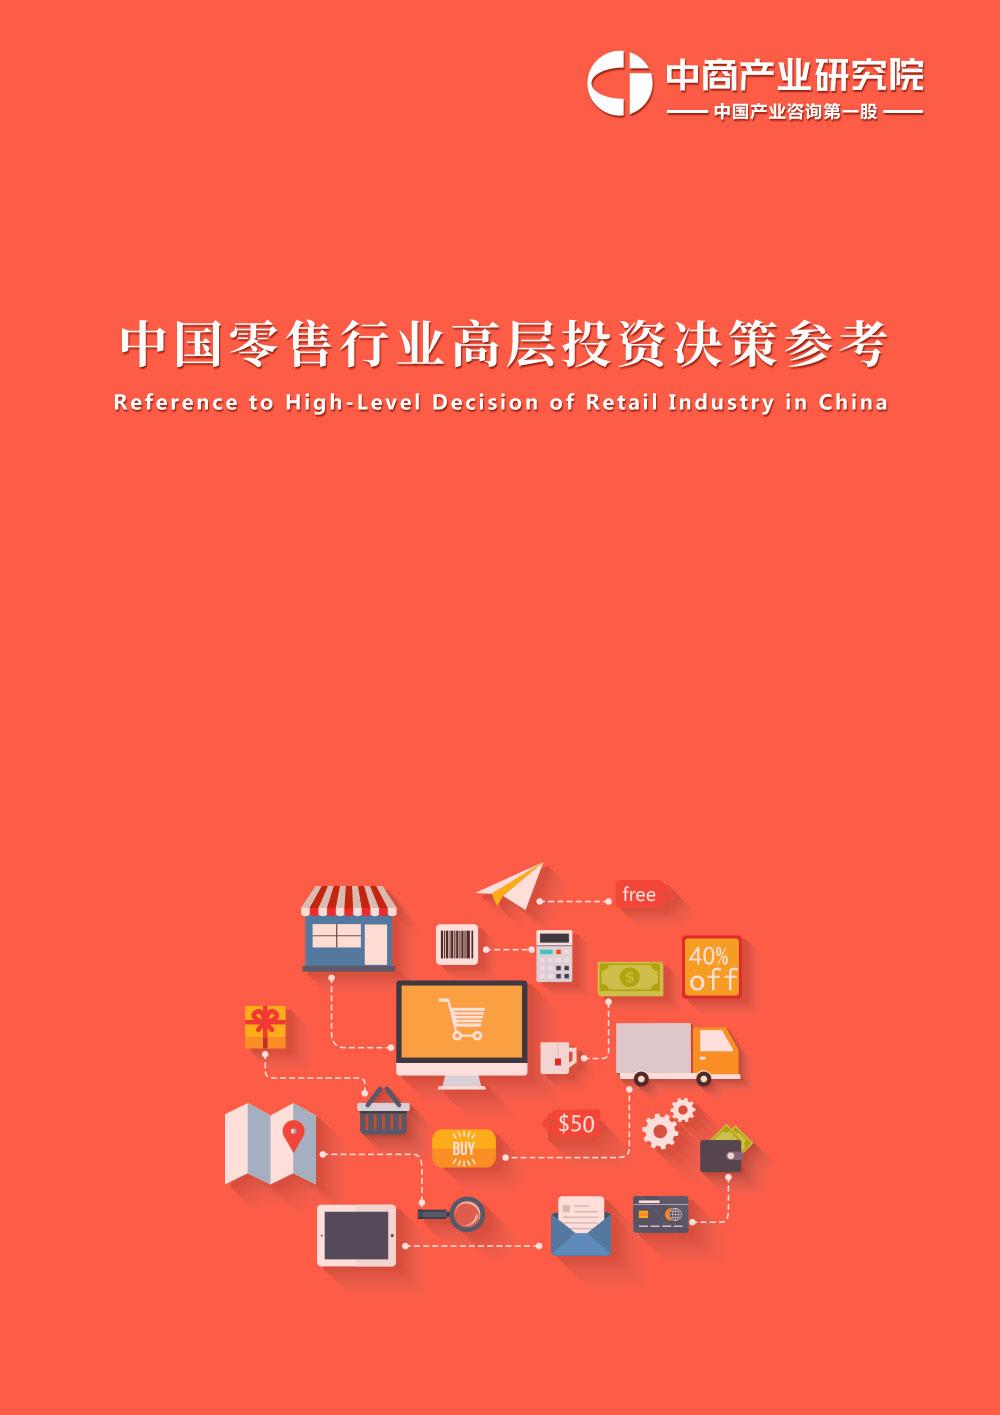 中国零售消费行业投资决策参考(2019年10月)